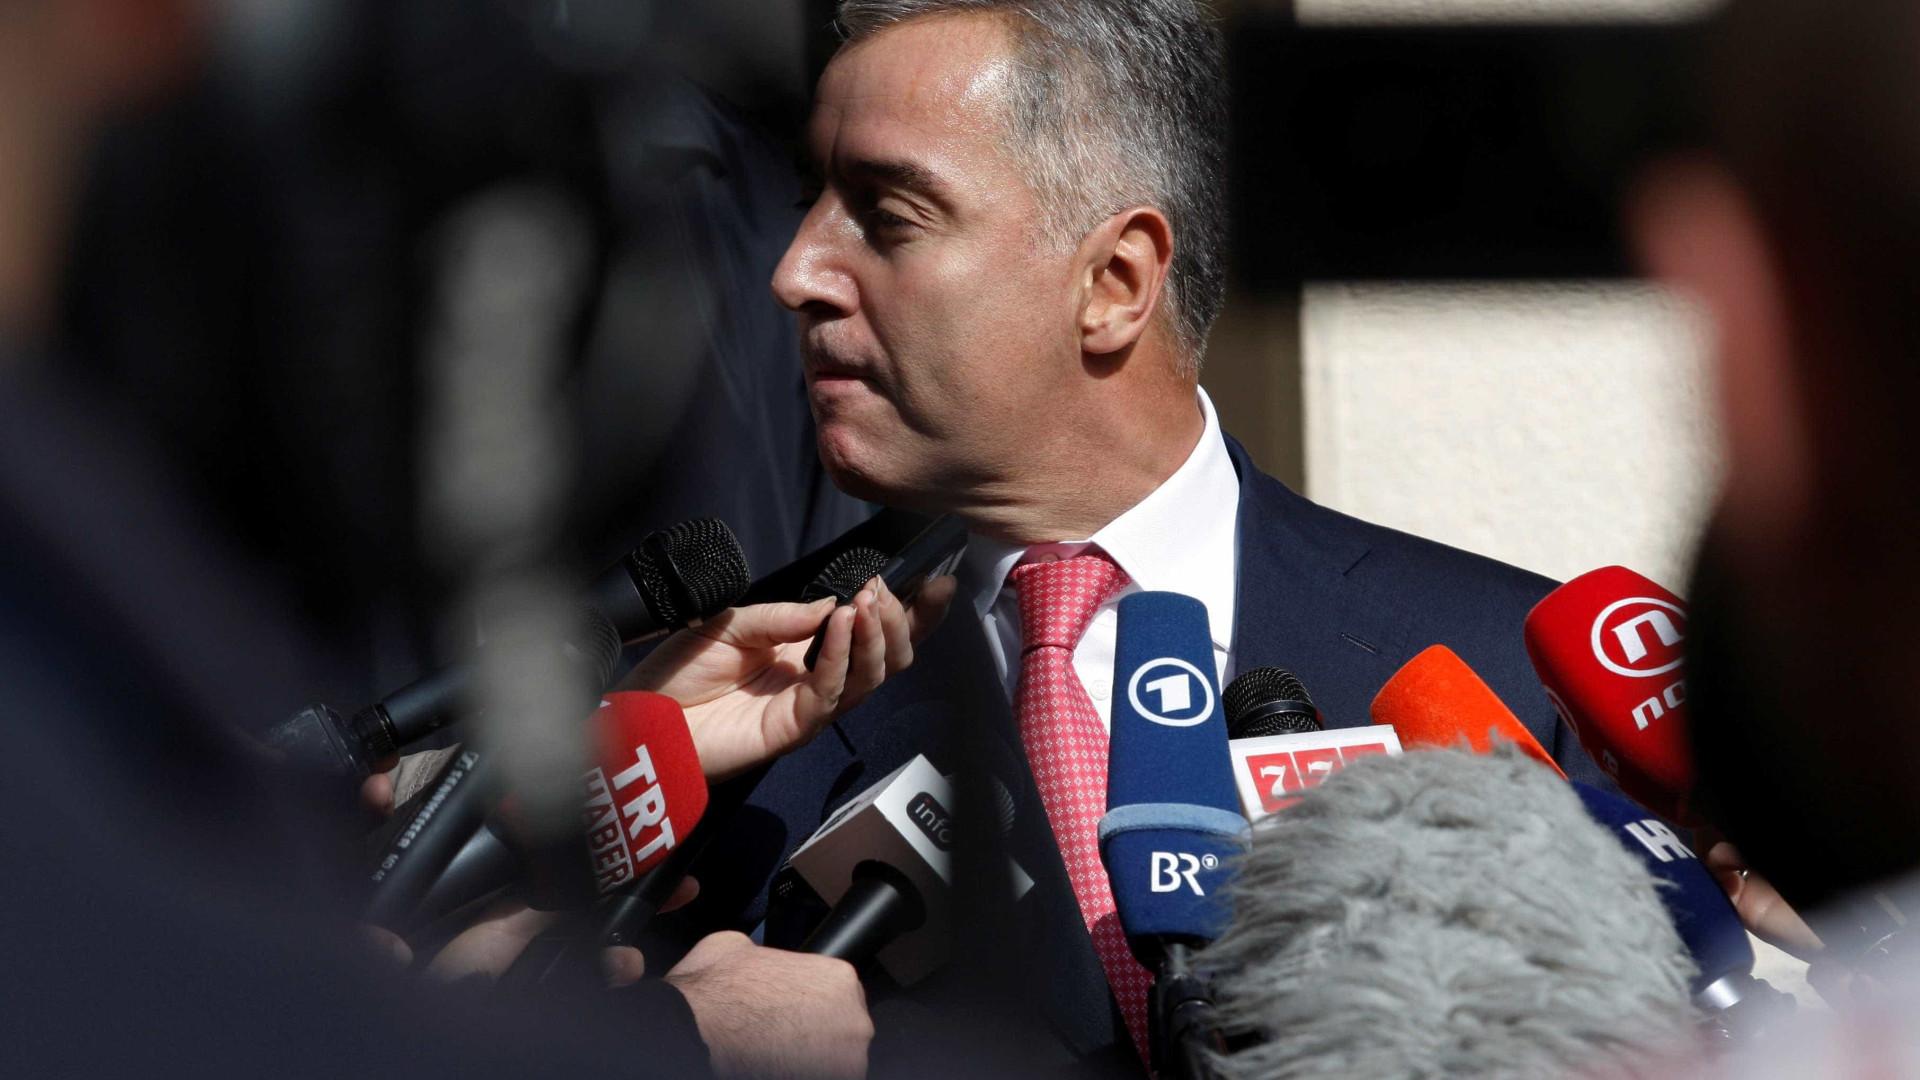 Tribunal decreta um mês de prisão para alegados conspiradores sérvios